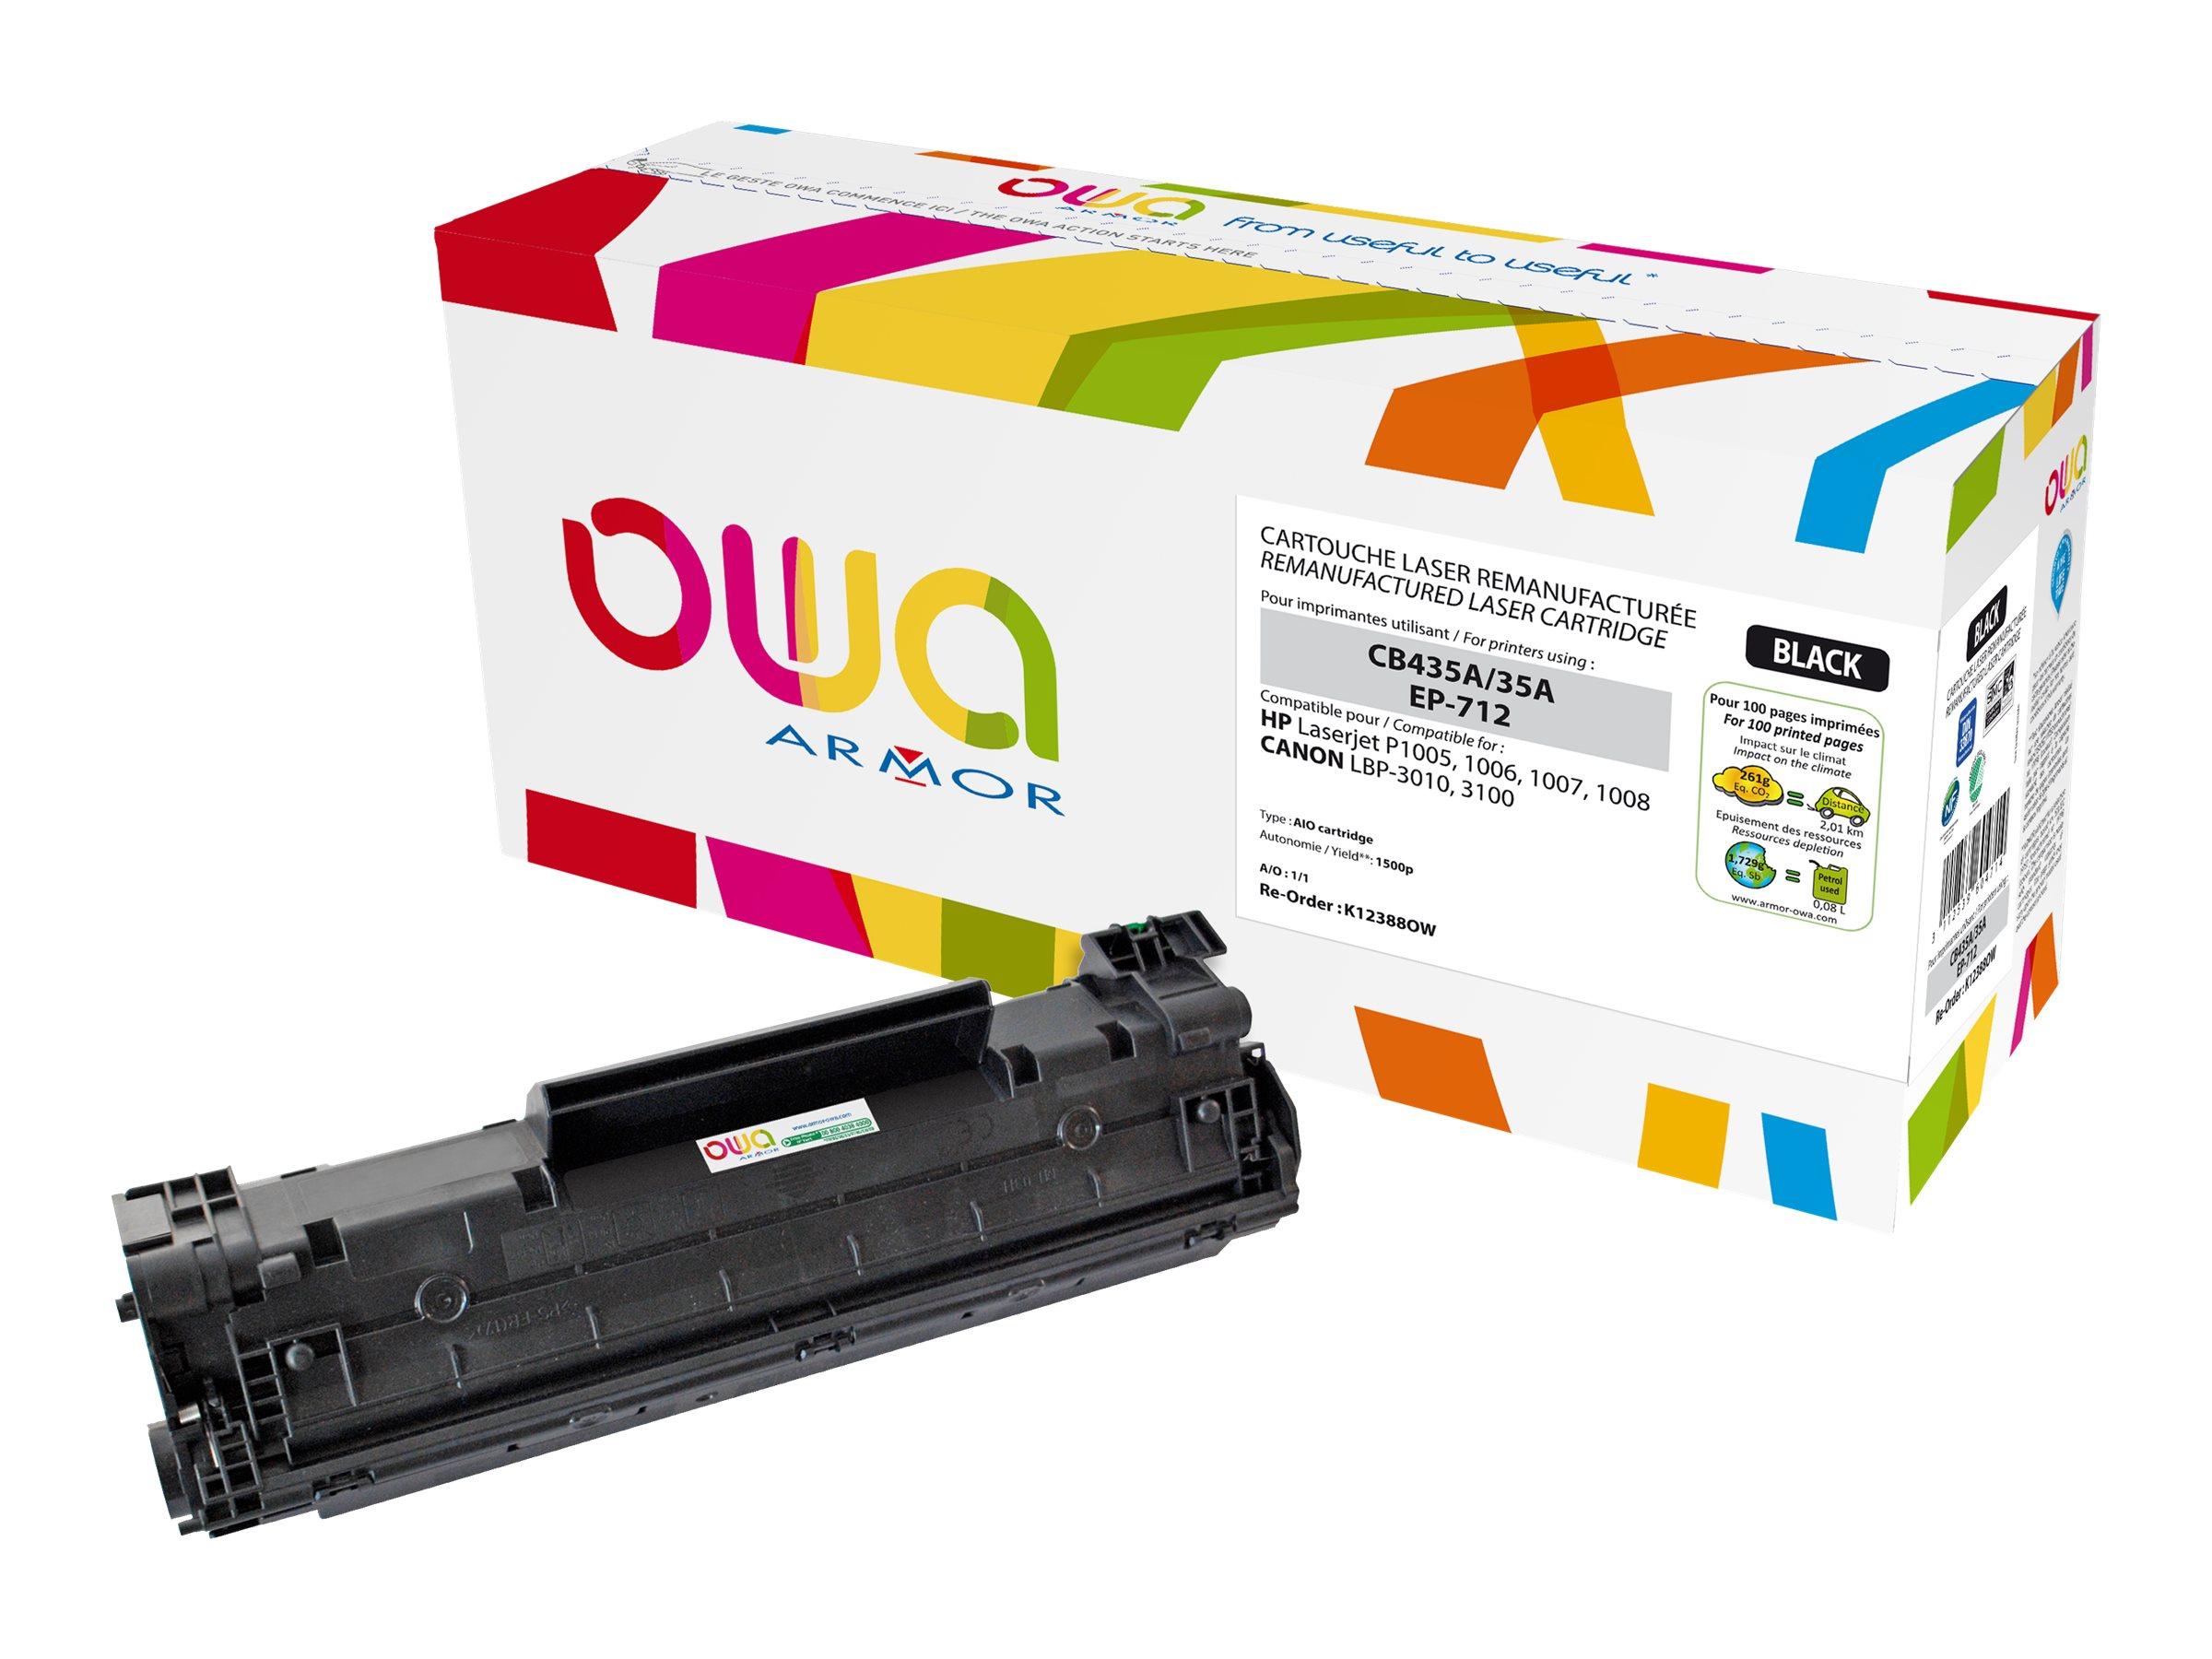 HP 35A - remanufacturé Owa K12388OW - noir - cartouche laser